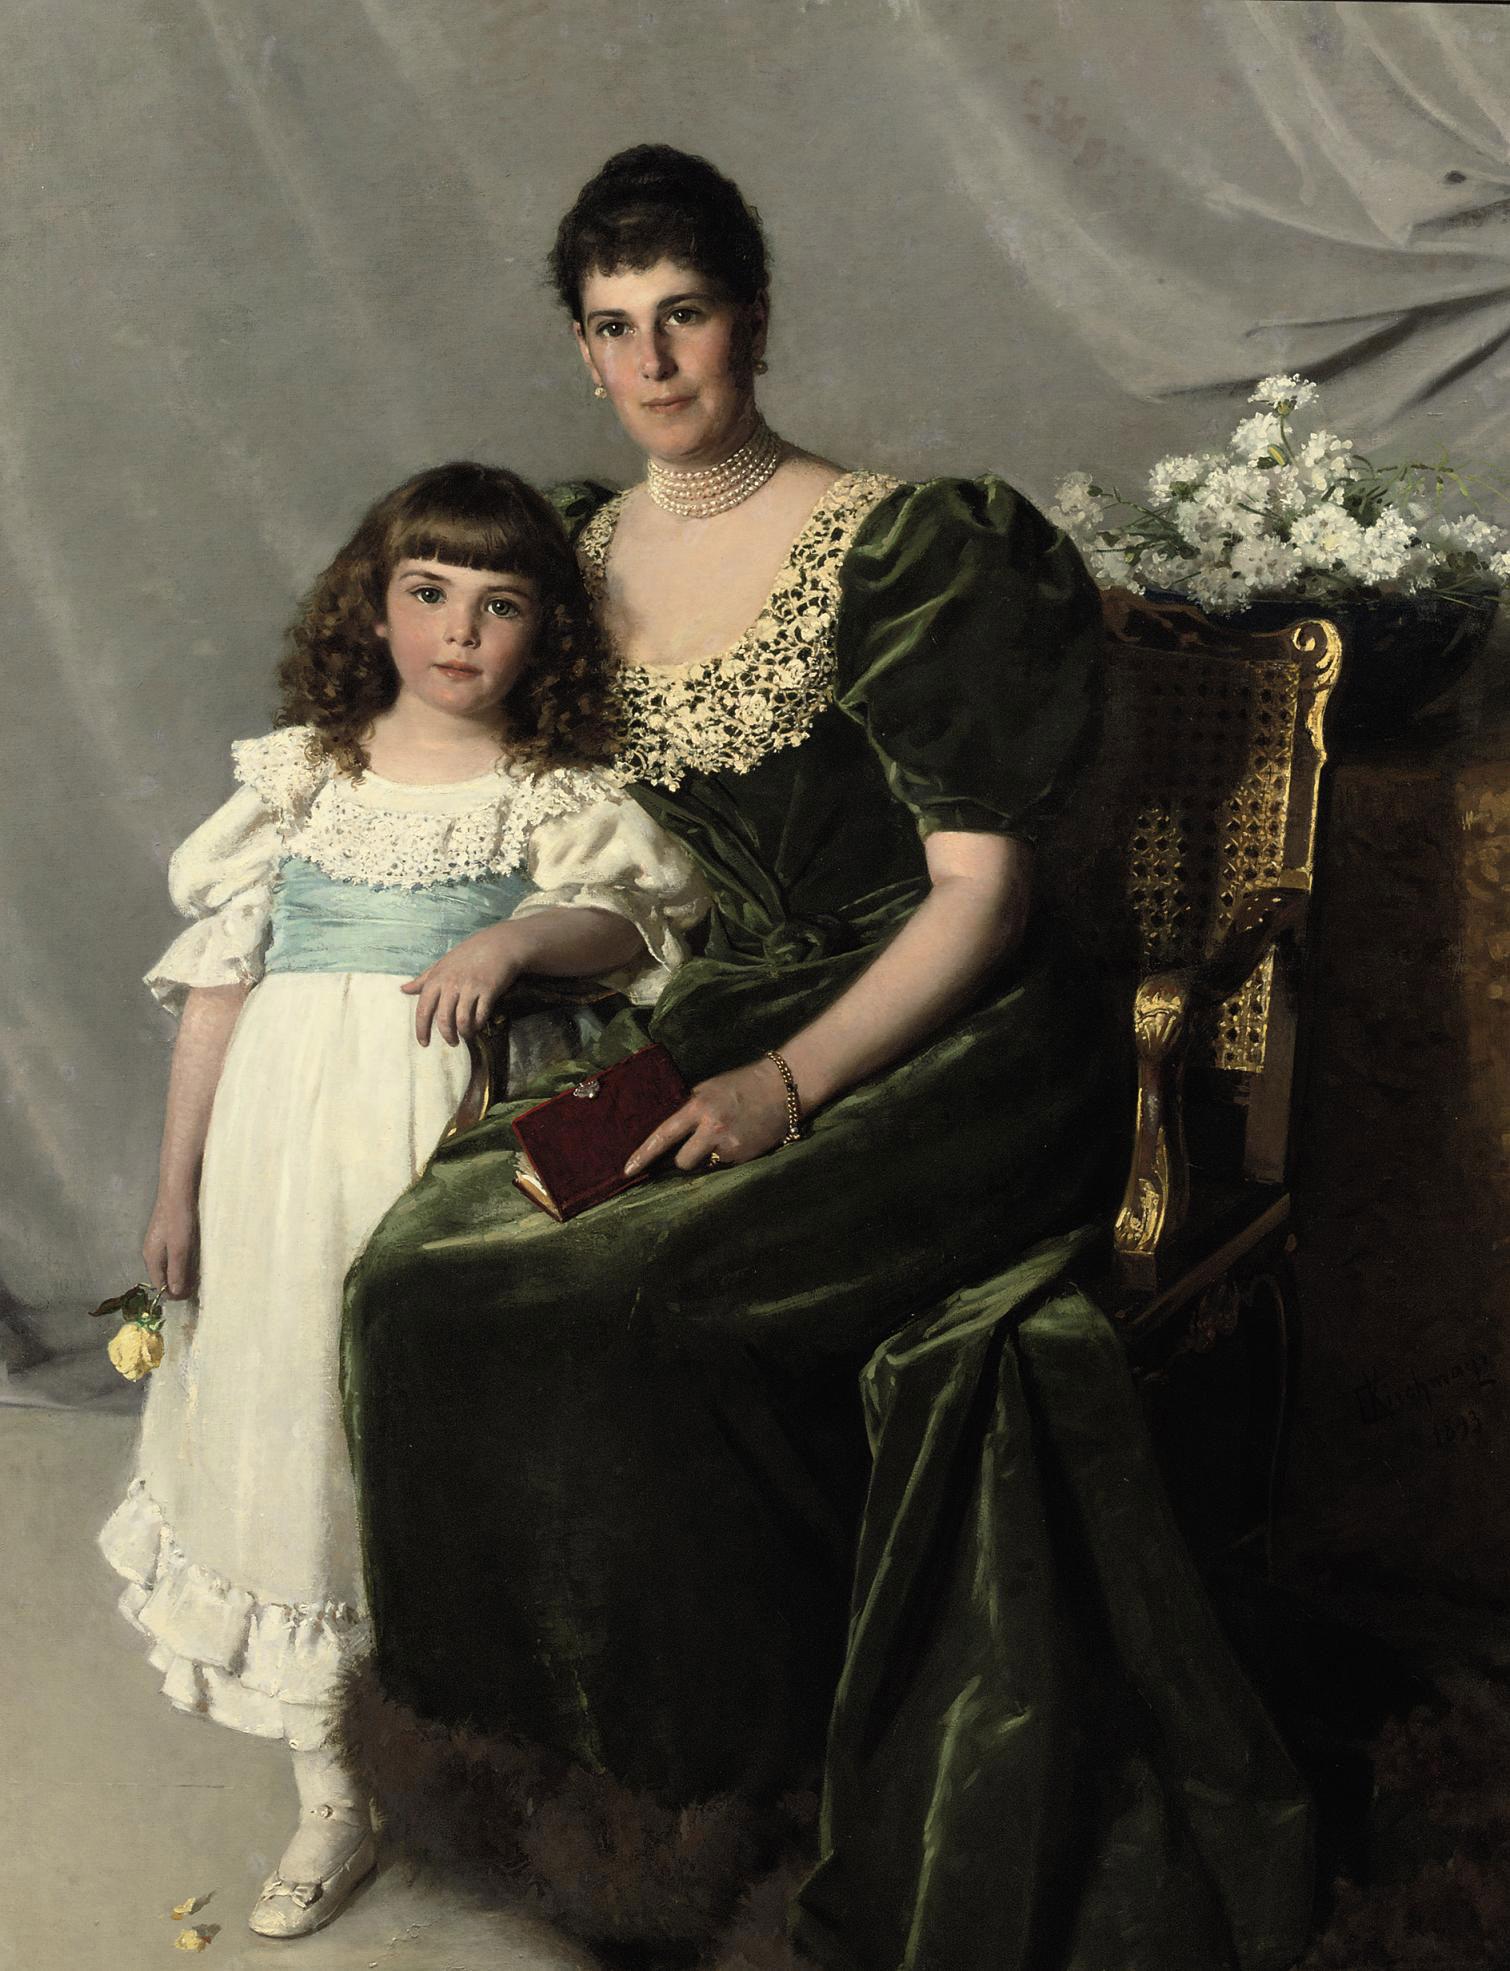 Portrait of Countess Marie Louise Larisch von Moennich and her daughter Marie Henriette